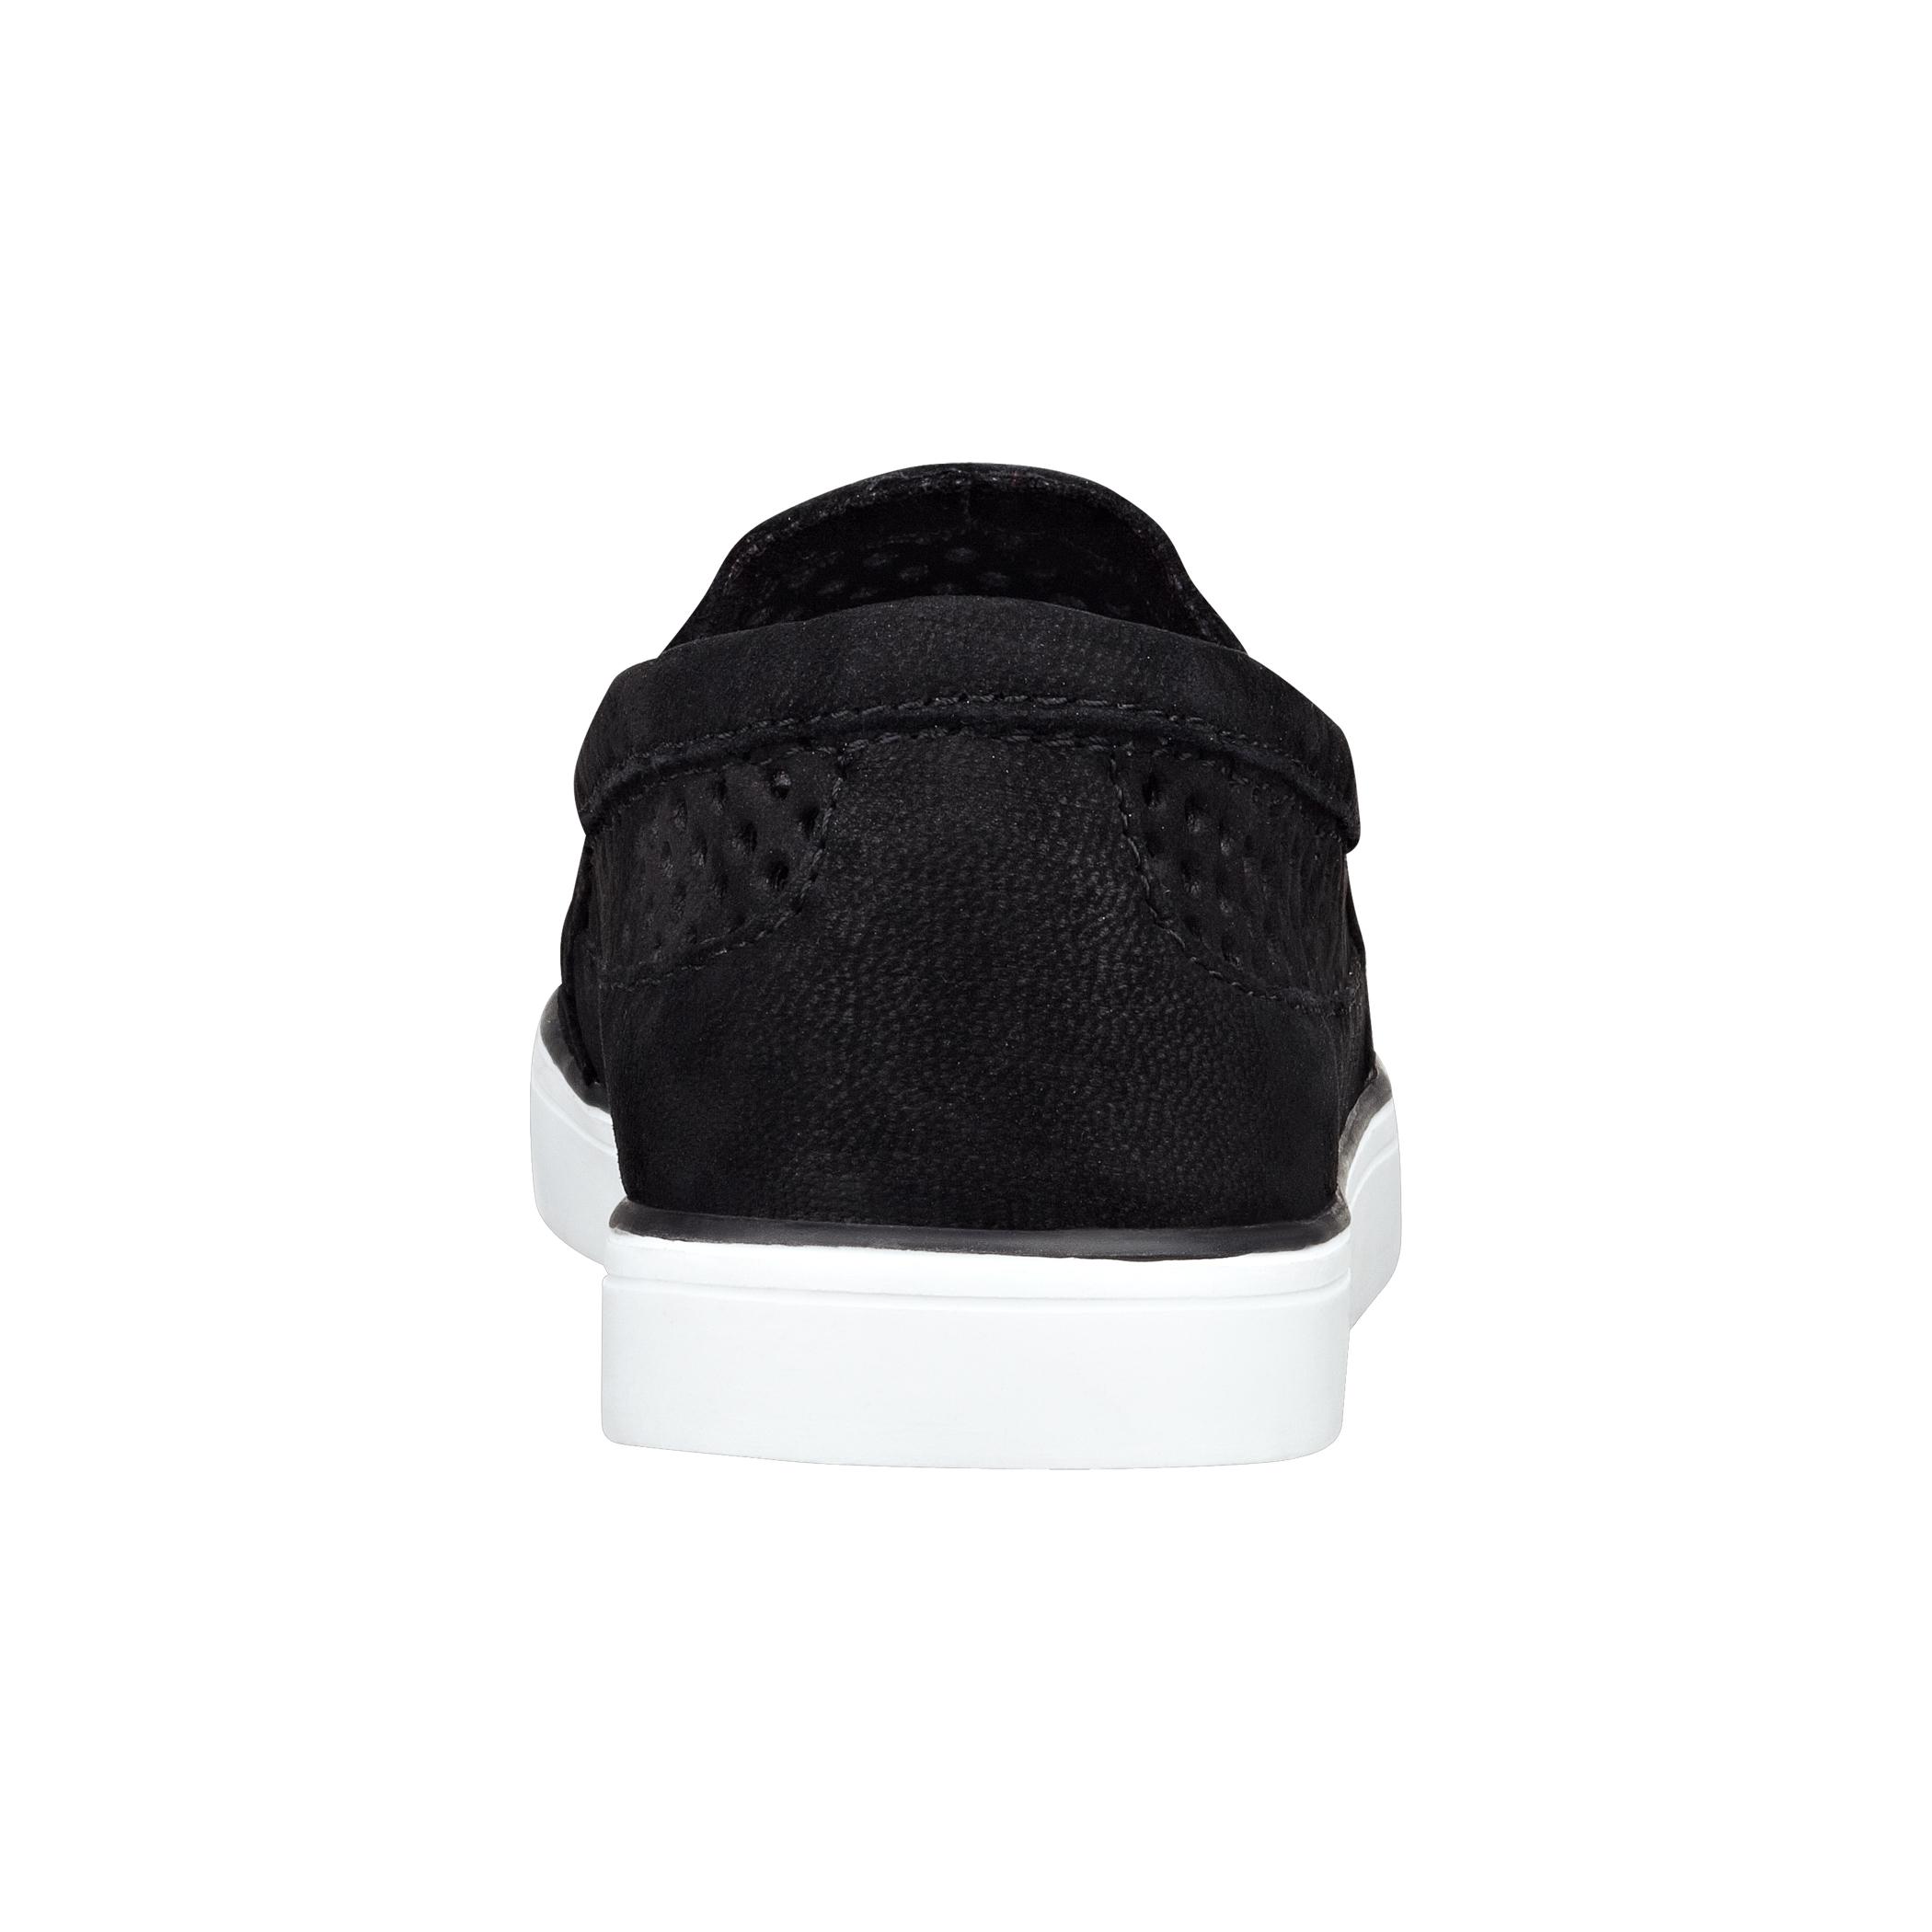 nine west brodie slipon sneakers slip on sneaker in black lyst gallery